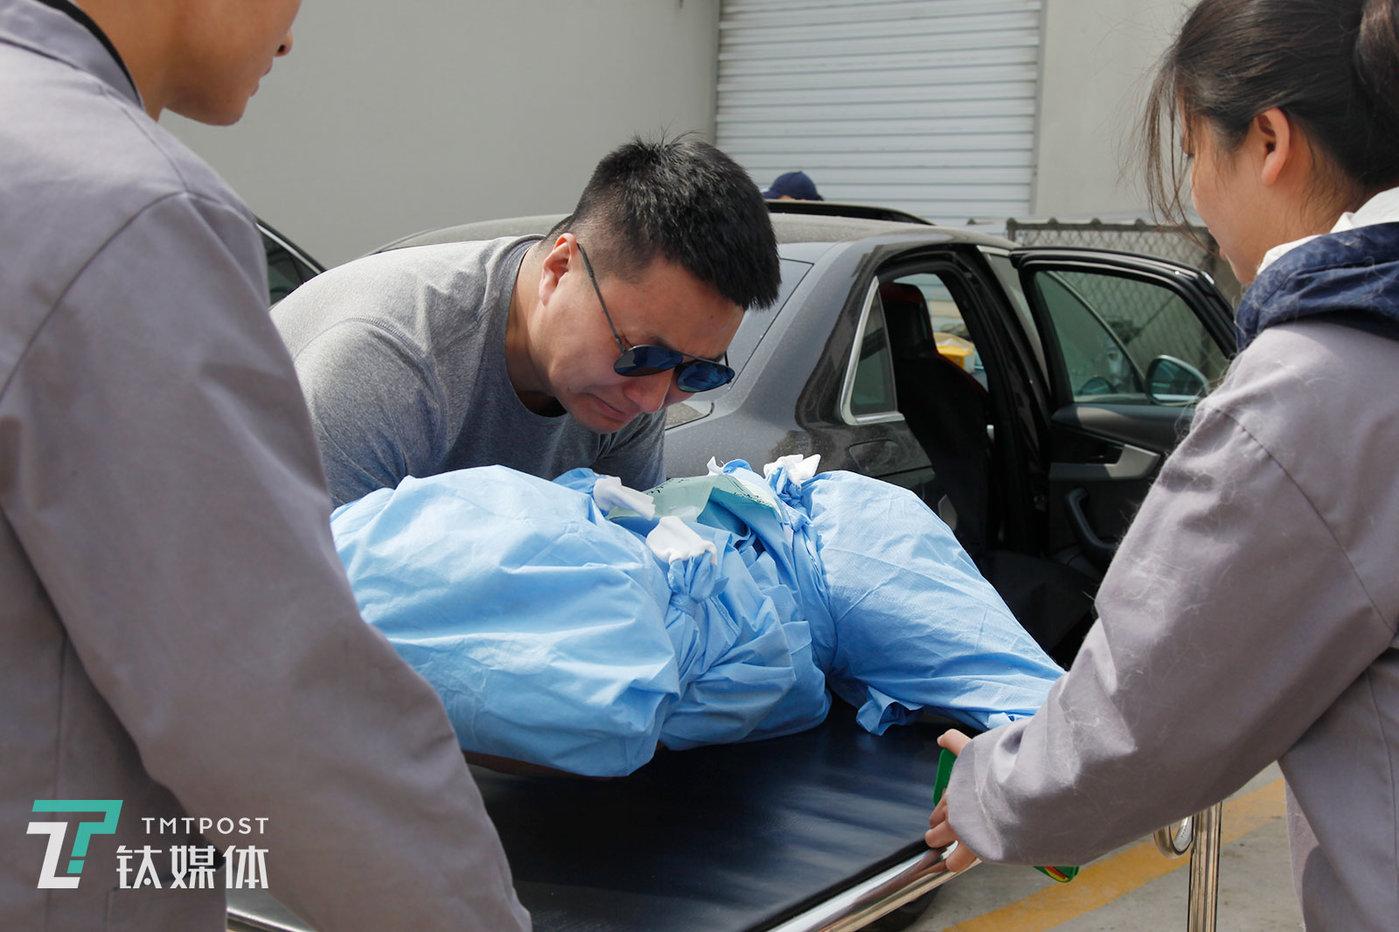 """3月19日下午,北京,狐狸(化名)将爱犬""""馒头""""的遗体从车上抱下,放置到手推车上。"""